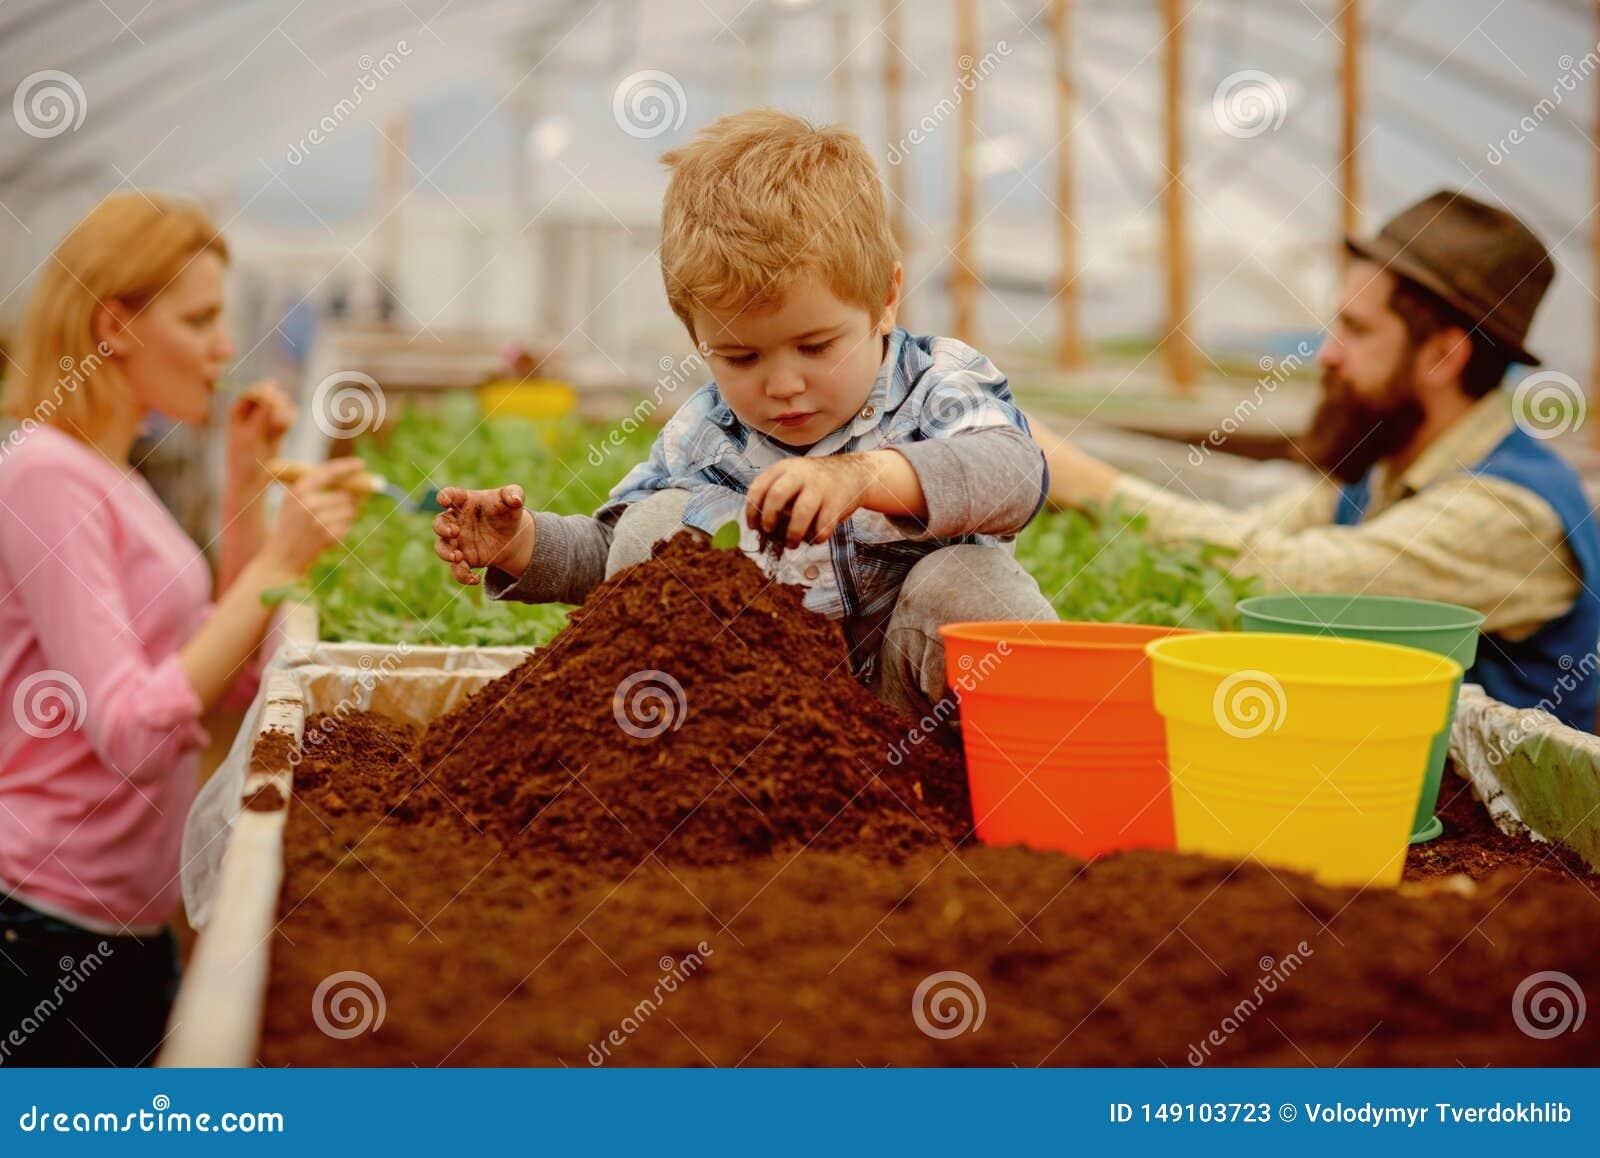 一点花匠 一点花匠与土壤一起使用 一点花匠自温室 种植花的小花匠孩子